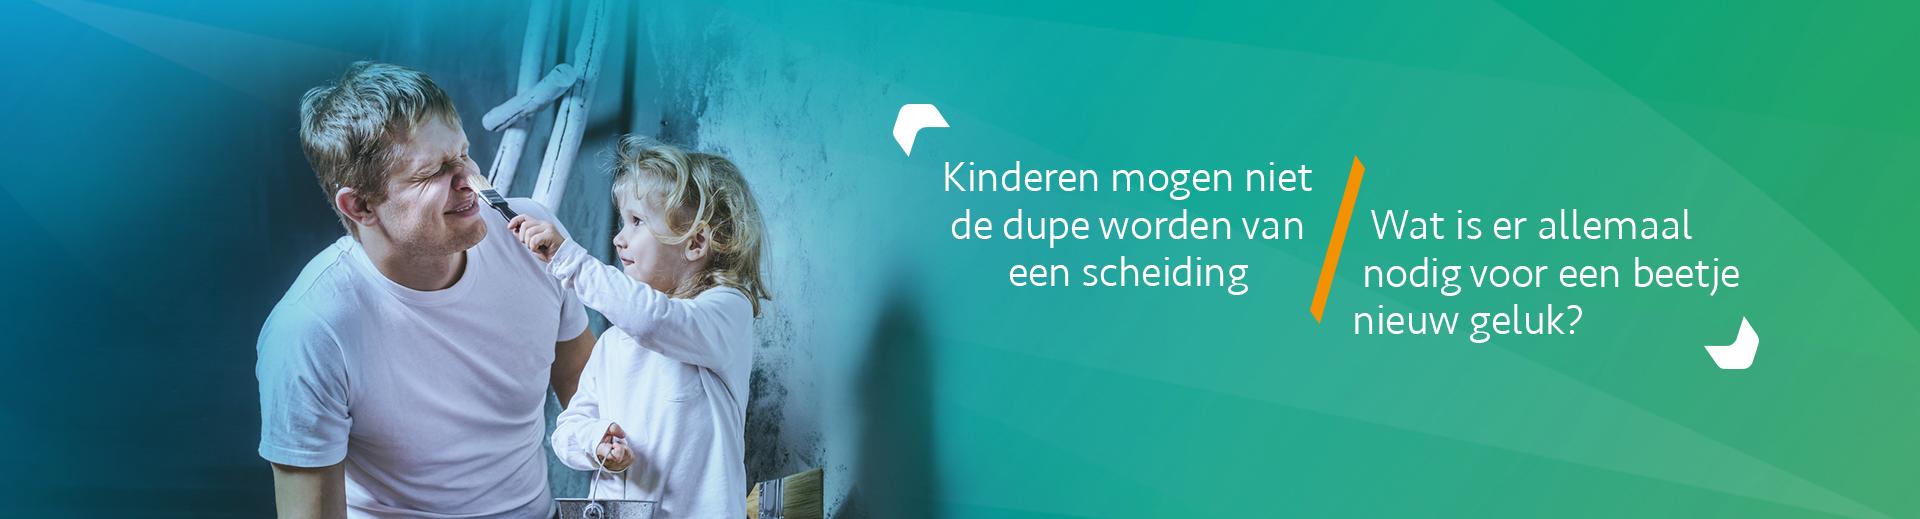 Scheiden met kinderen - Scheidingsplanner Den Haag & Rijswijk